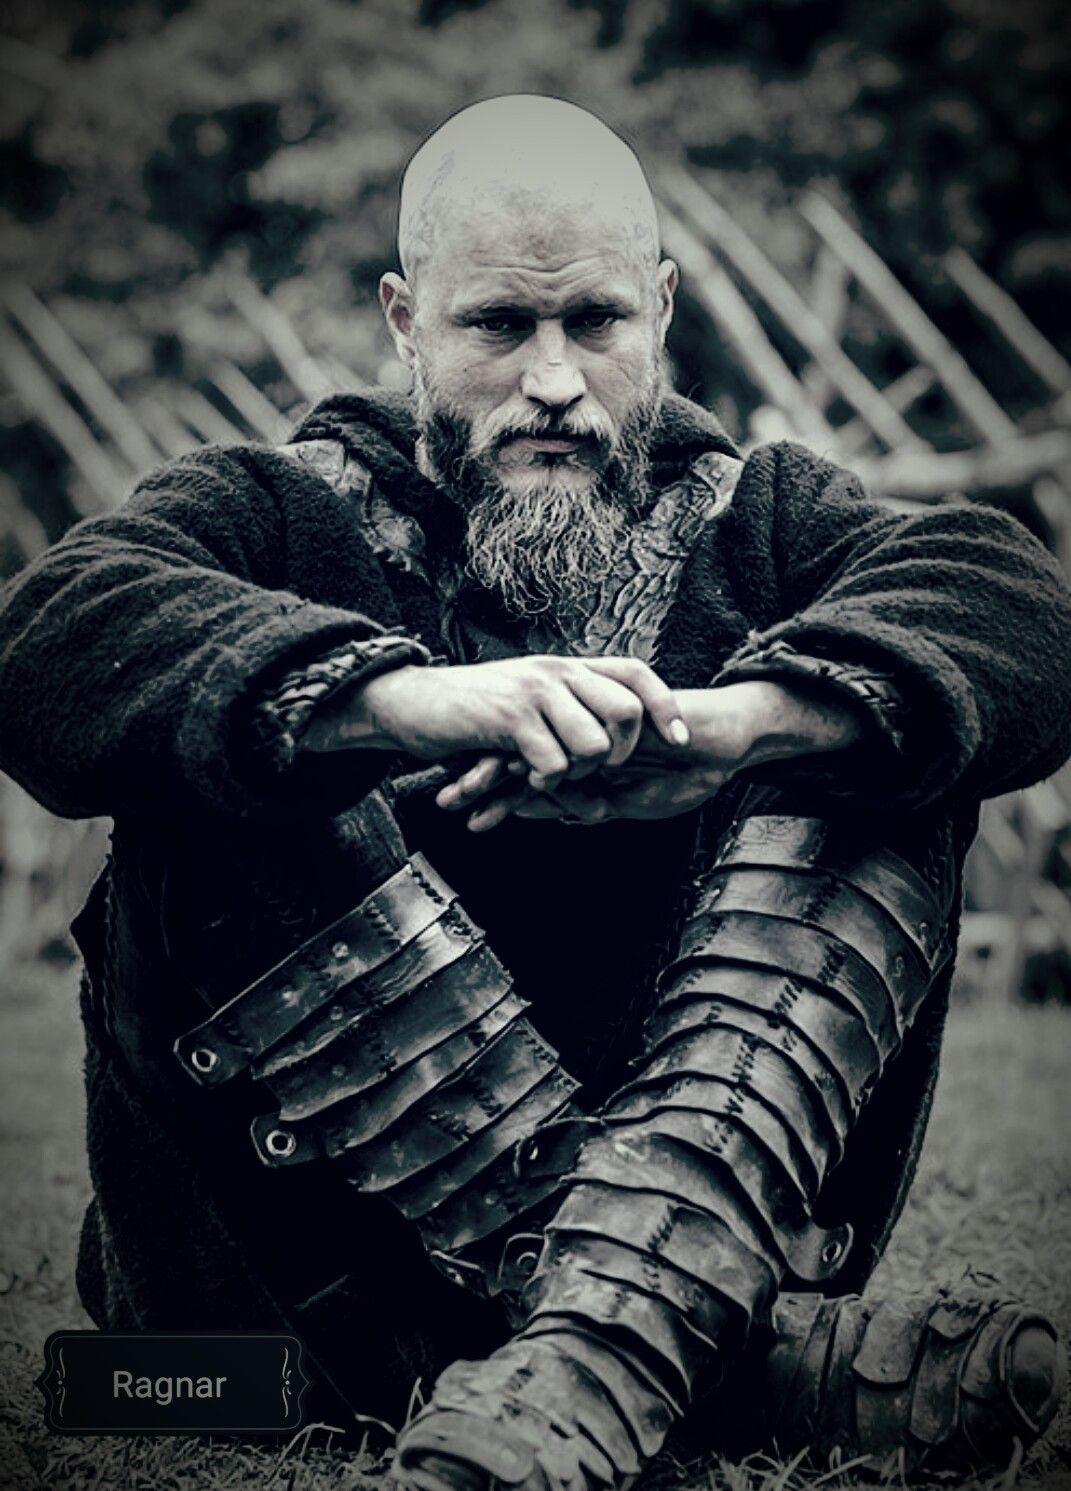 самые крутые фотки викингов взглянуть десяток